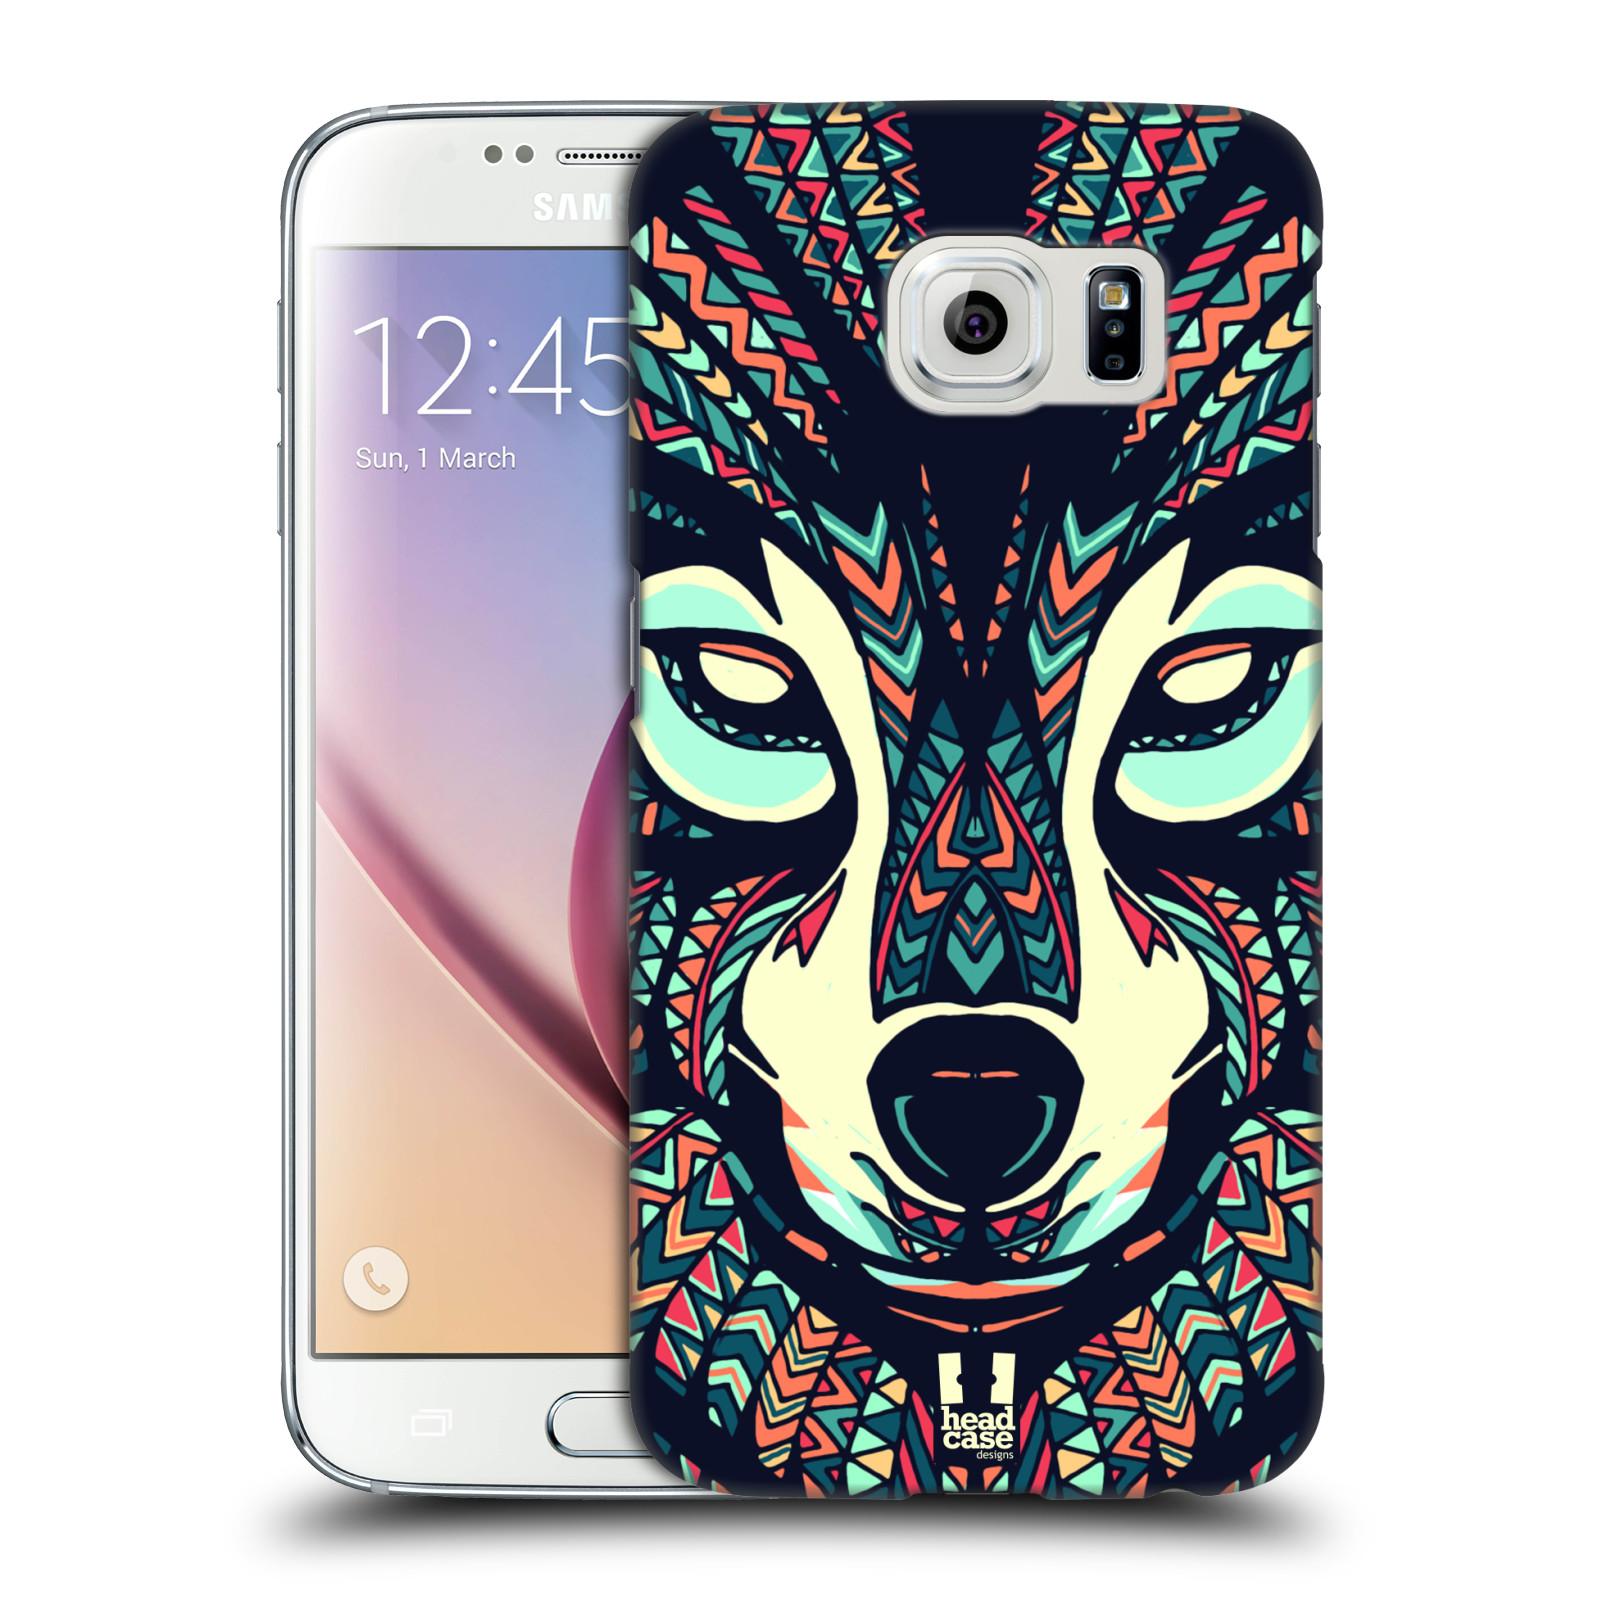 HEAD CASE plastový obal na mobil SAMSUNG Galaxy S6 (G9200, G920F) vzor Aztécký motiv zvíře 3 vlk